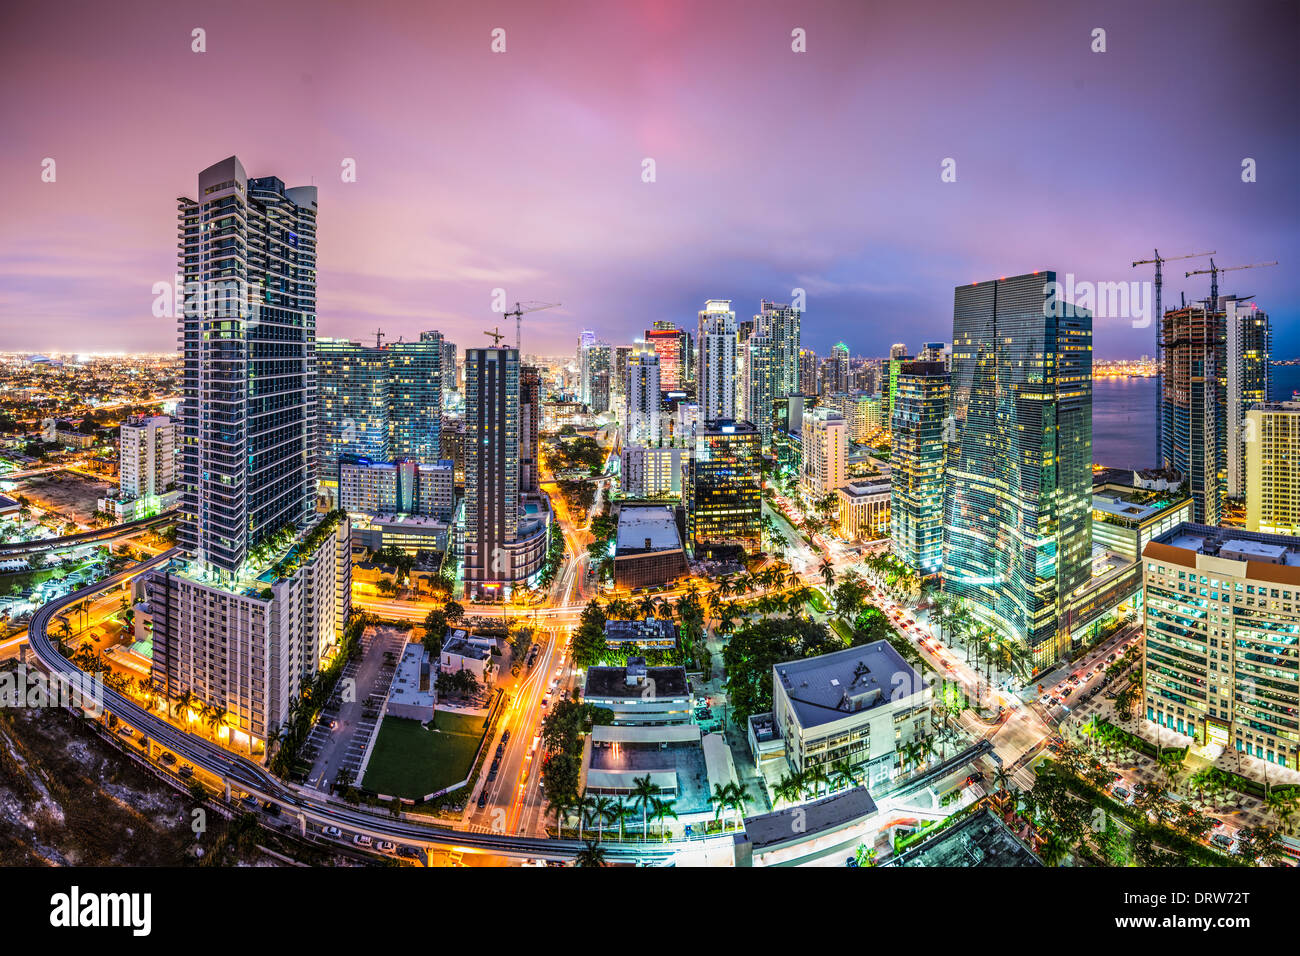 Miami, Florida vista aerea del centro cittadino. Immagini Stock